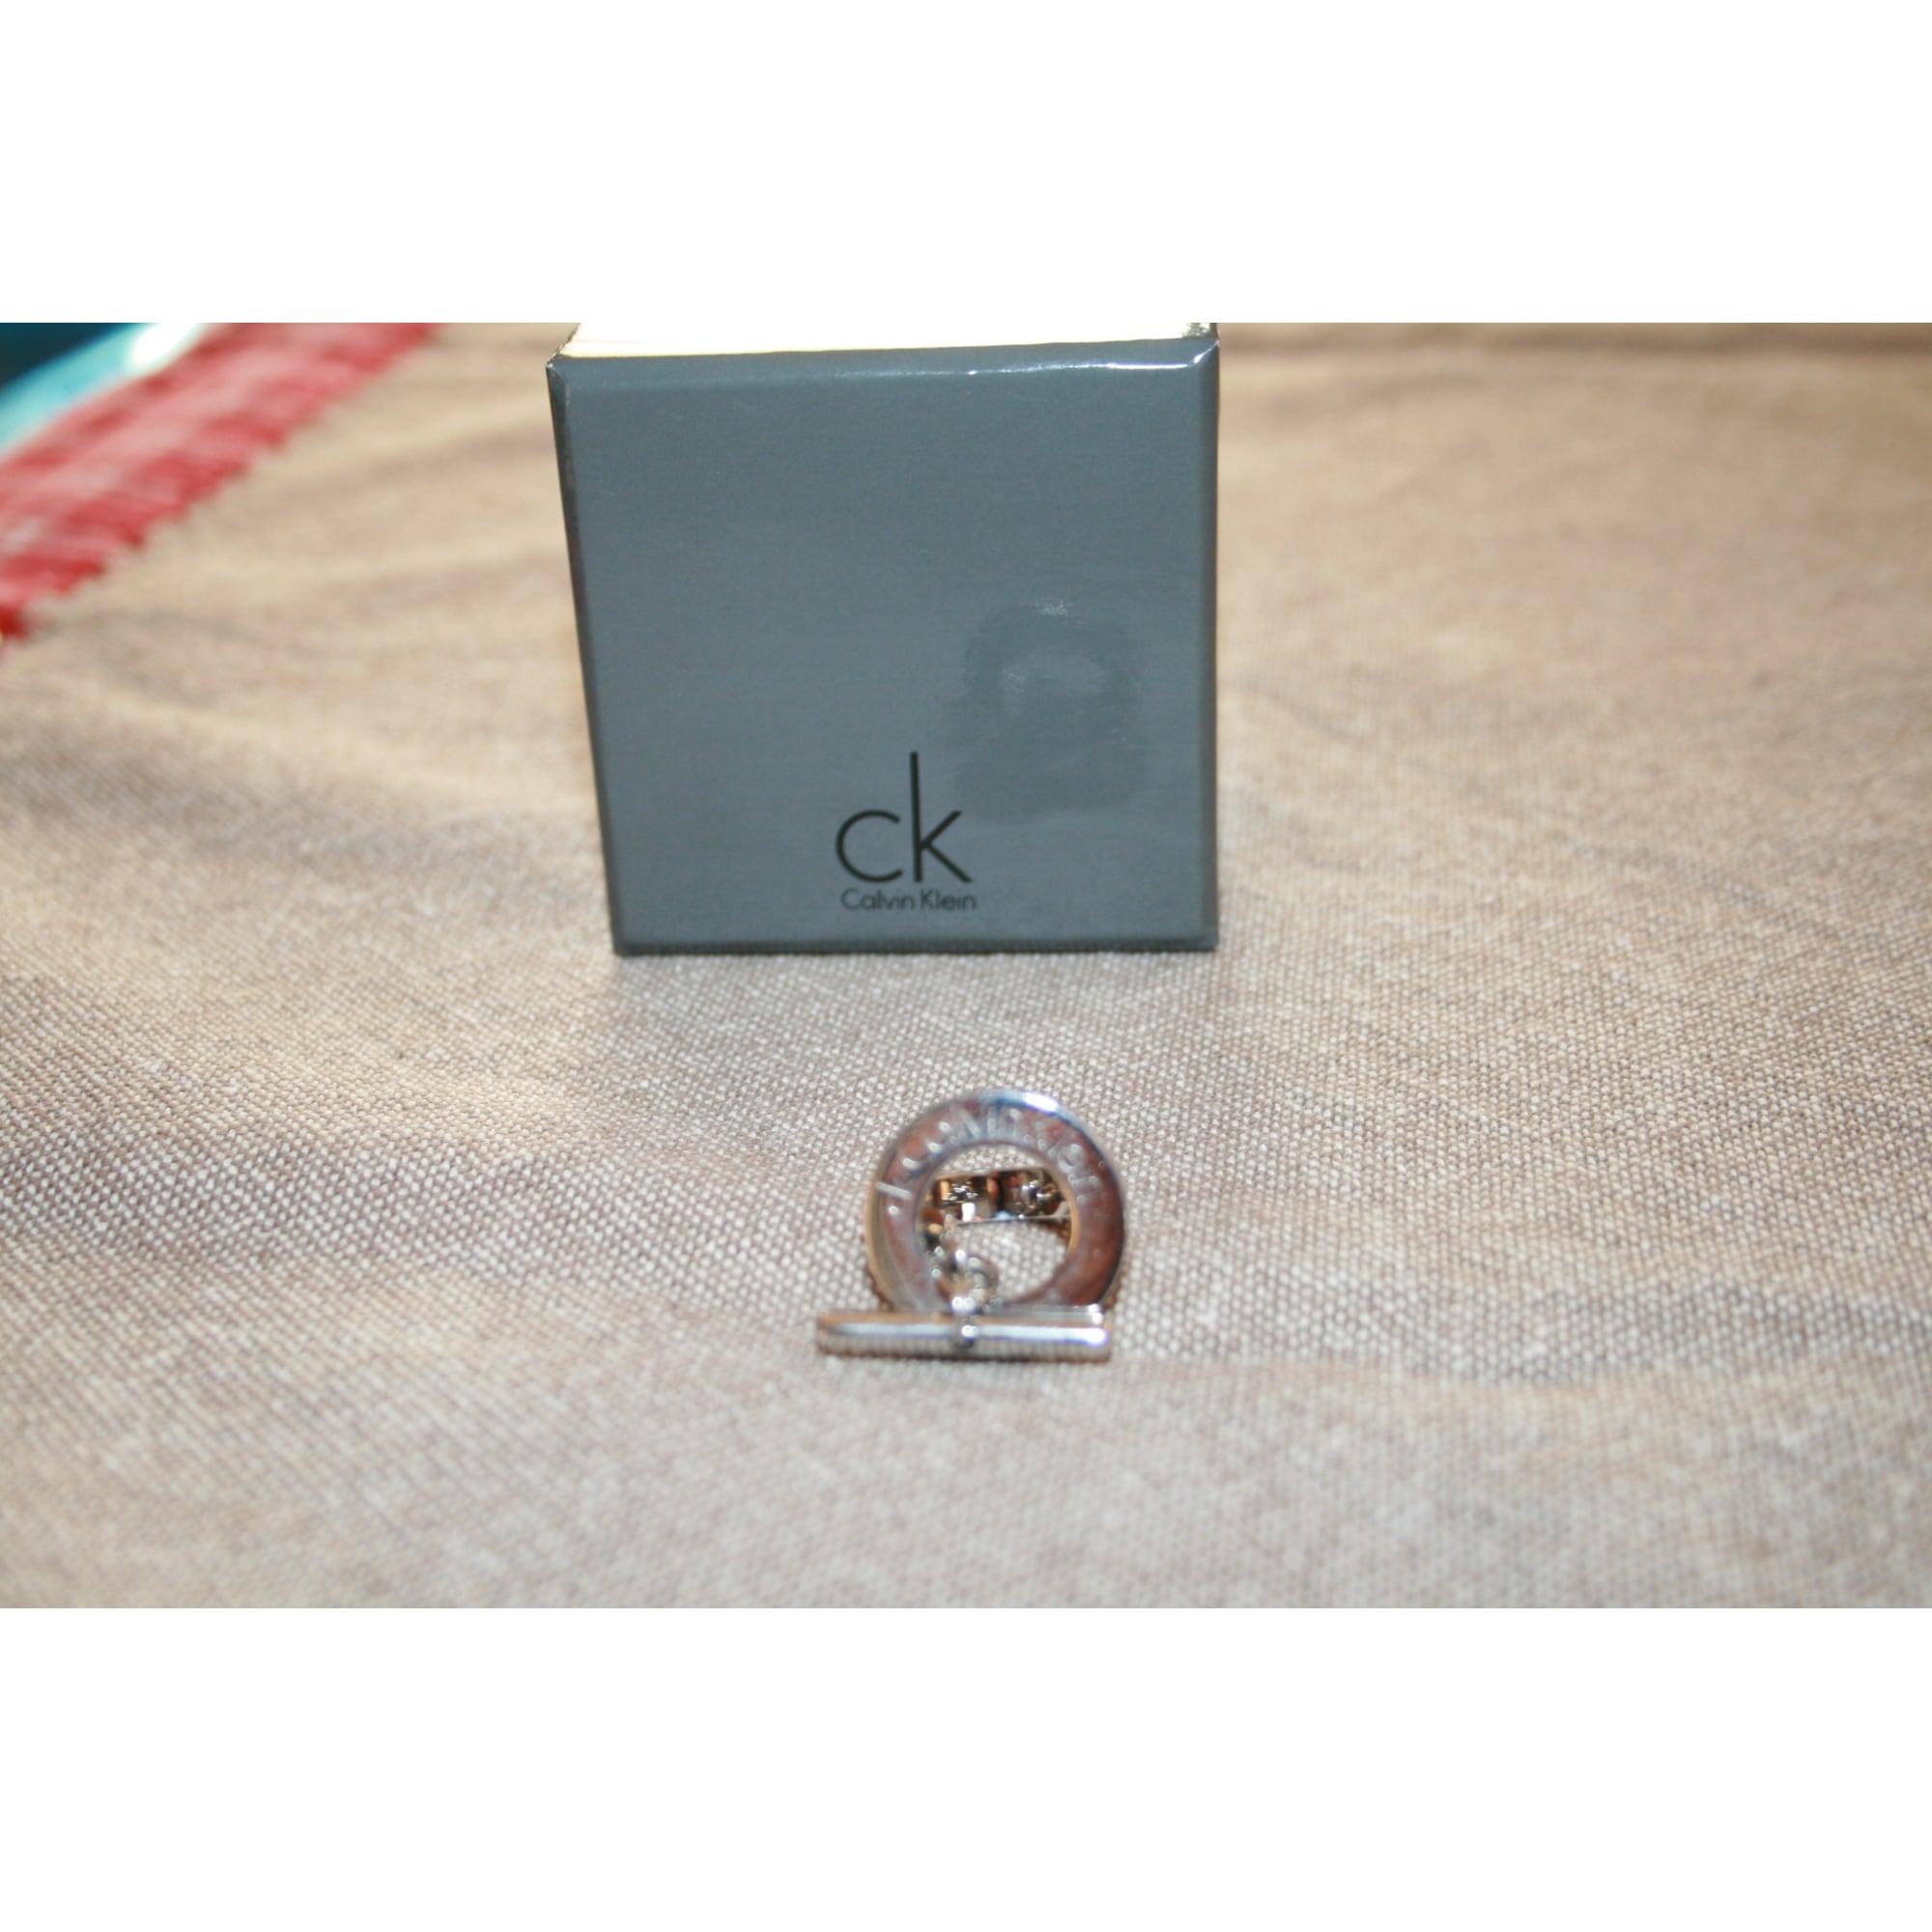 Bague Calvin Klein 55 Argente Vendu Par Laurence 95227071 956879